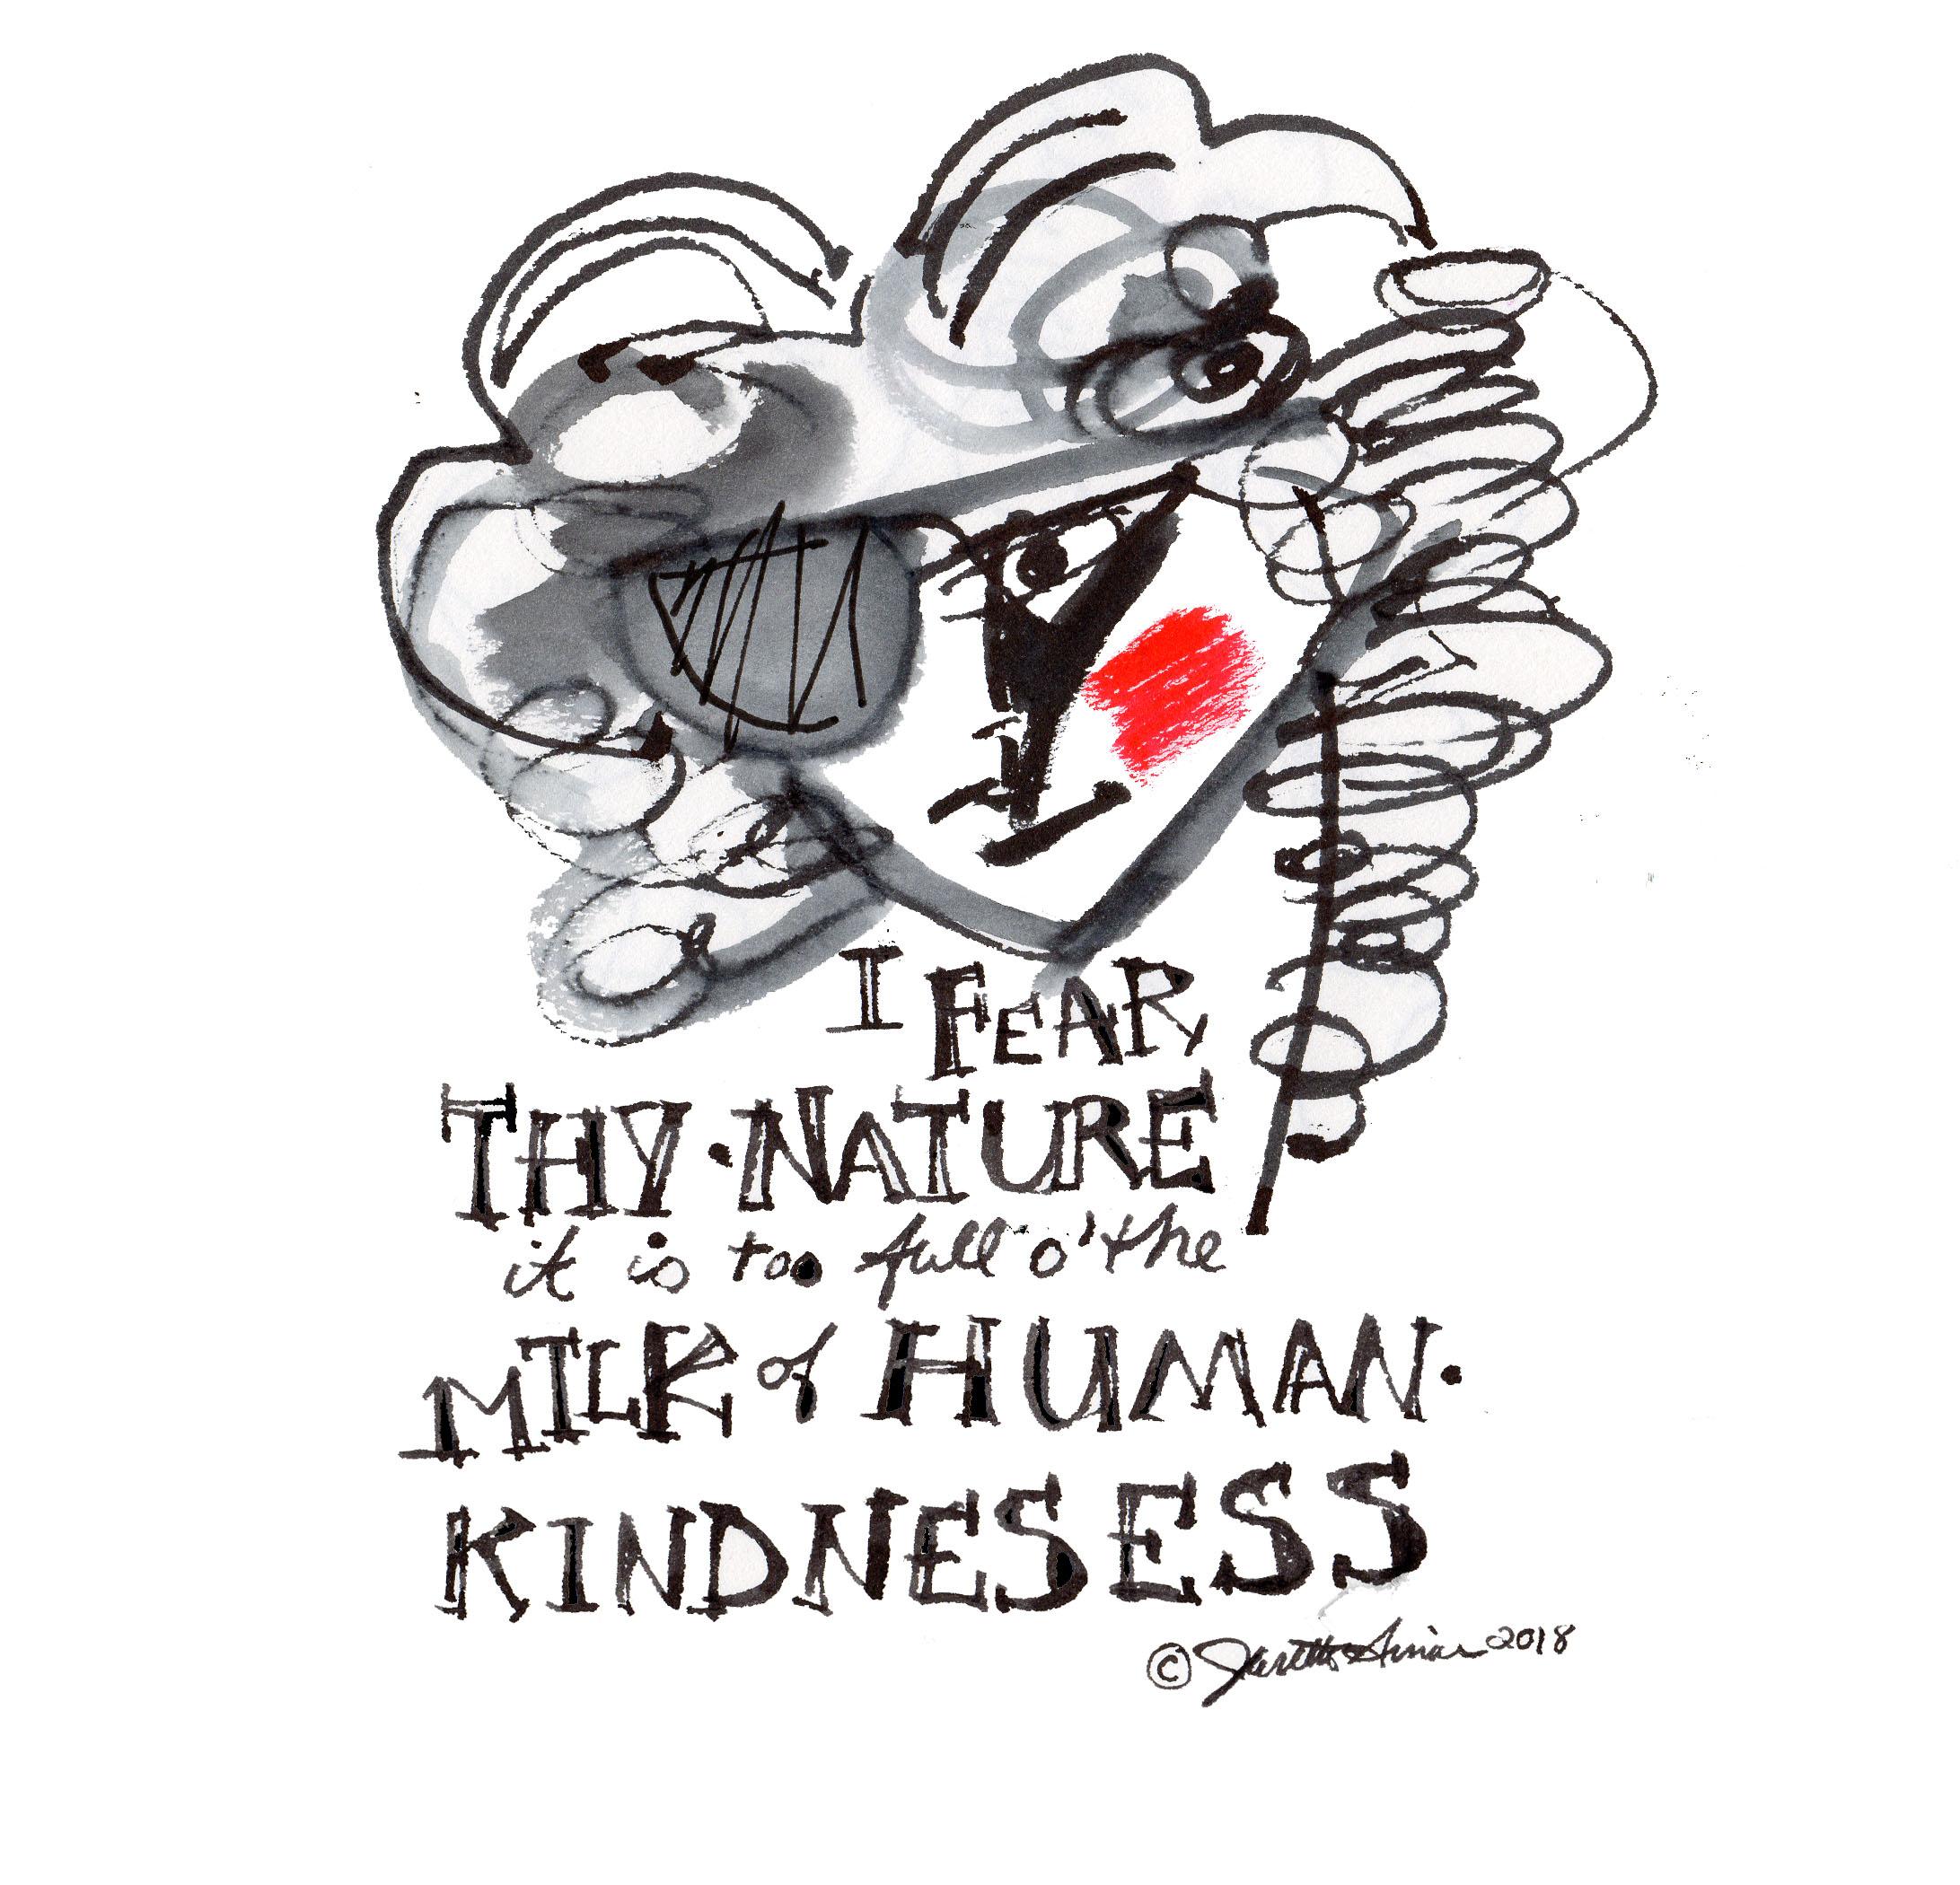 Milk of Human Kindness